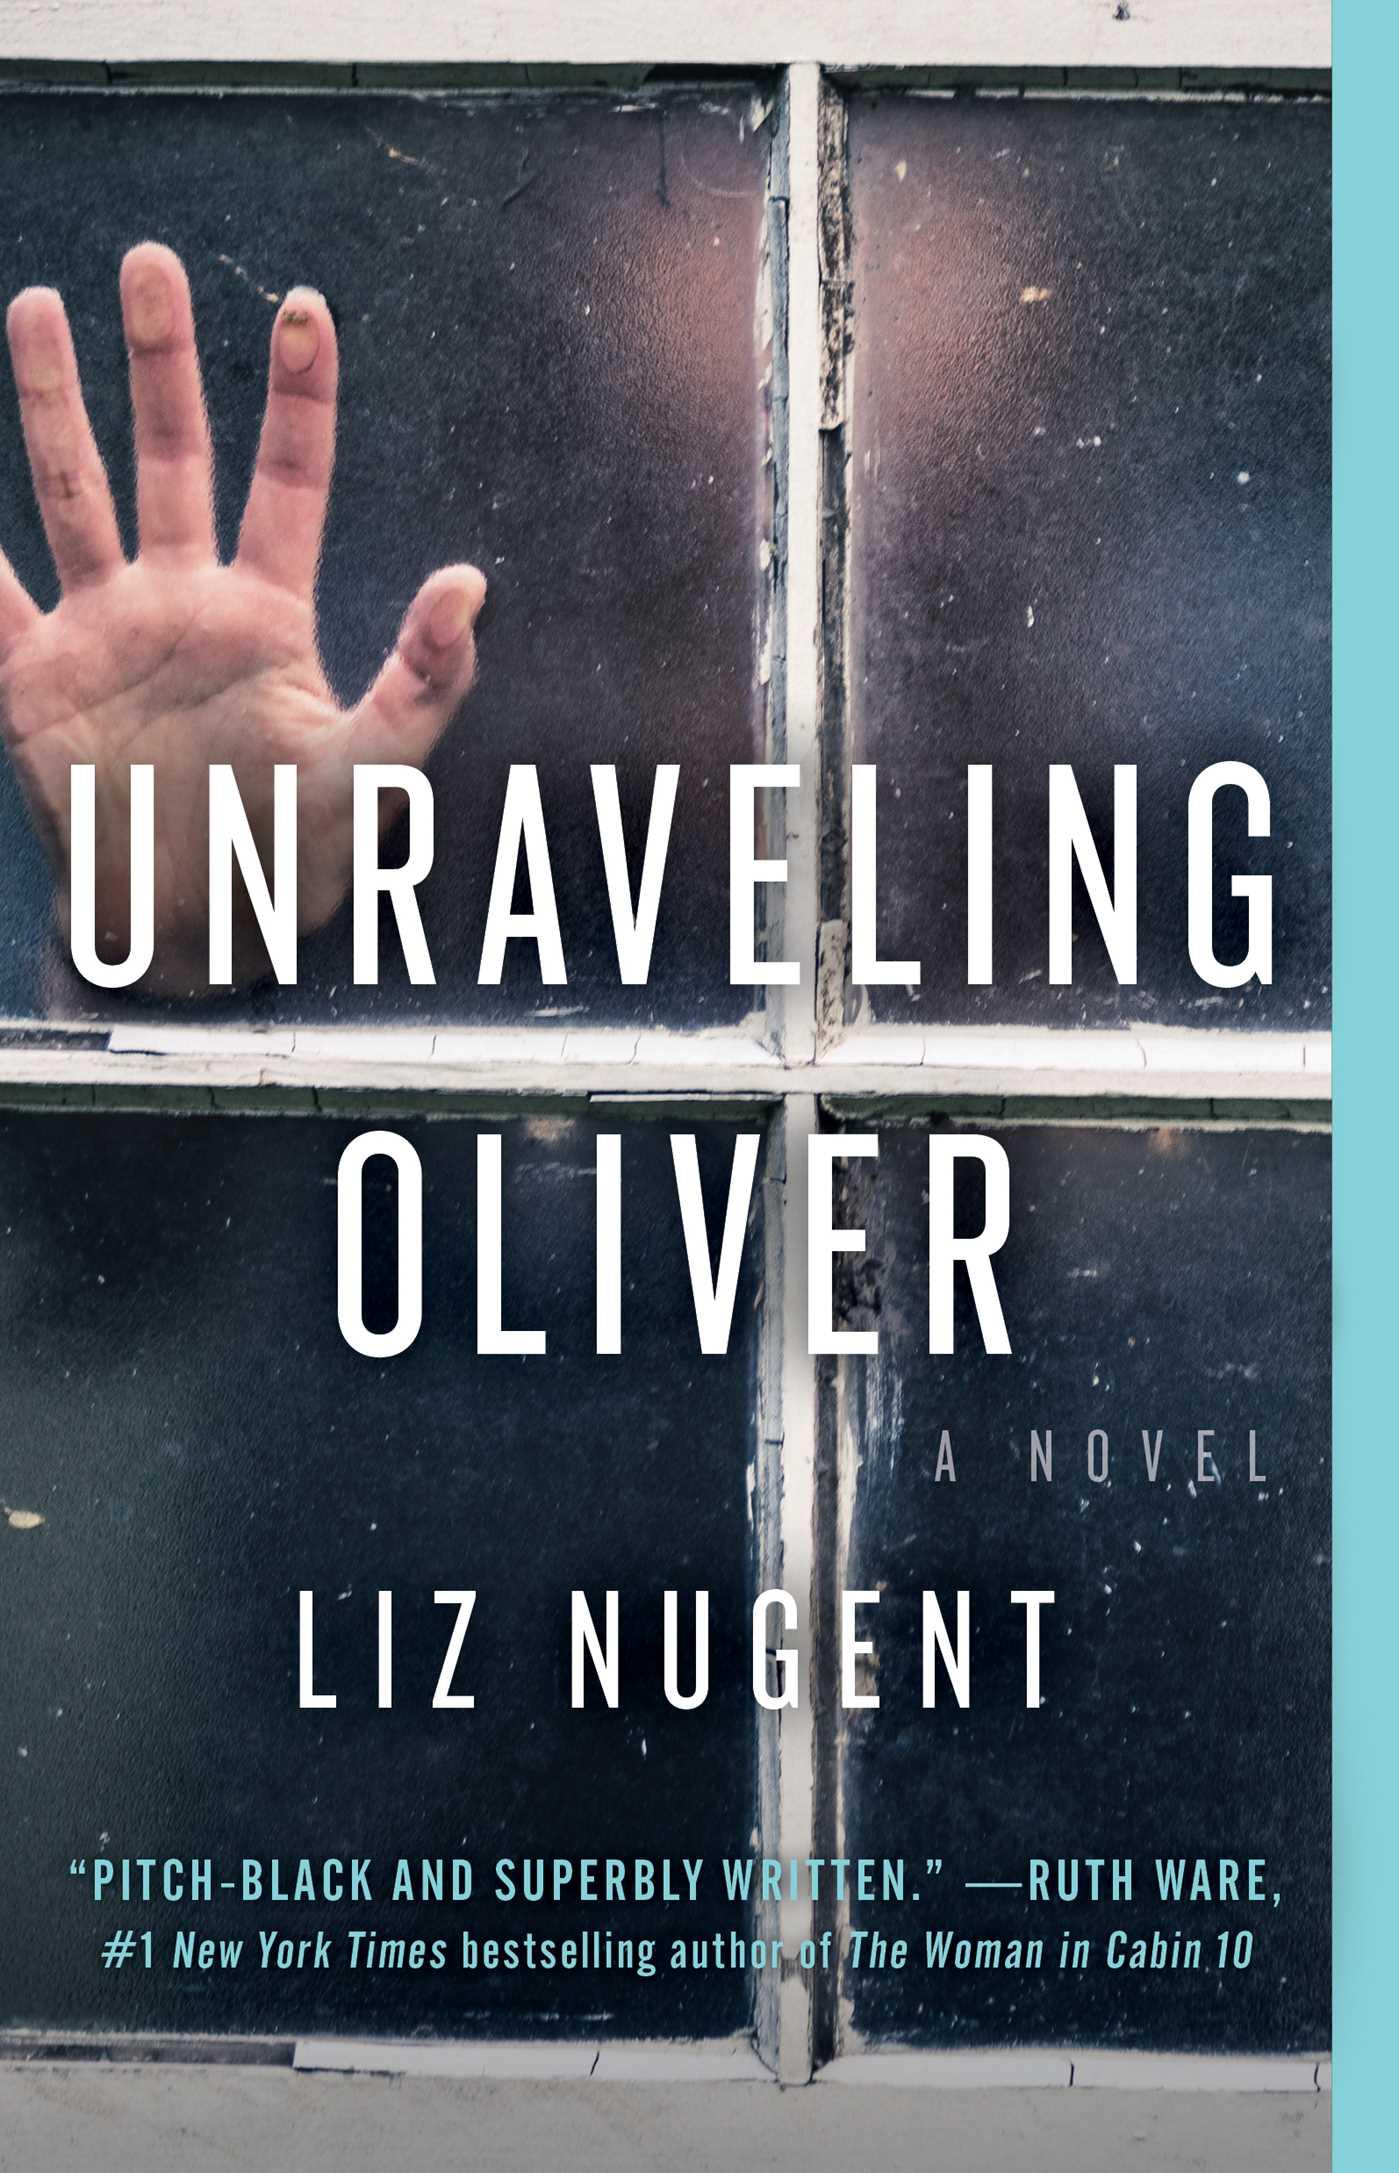 Unraveling oliver 9781501173387 hr